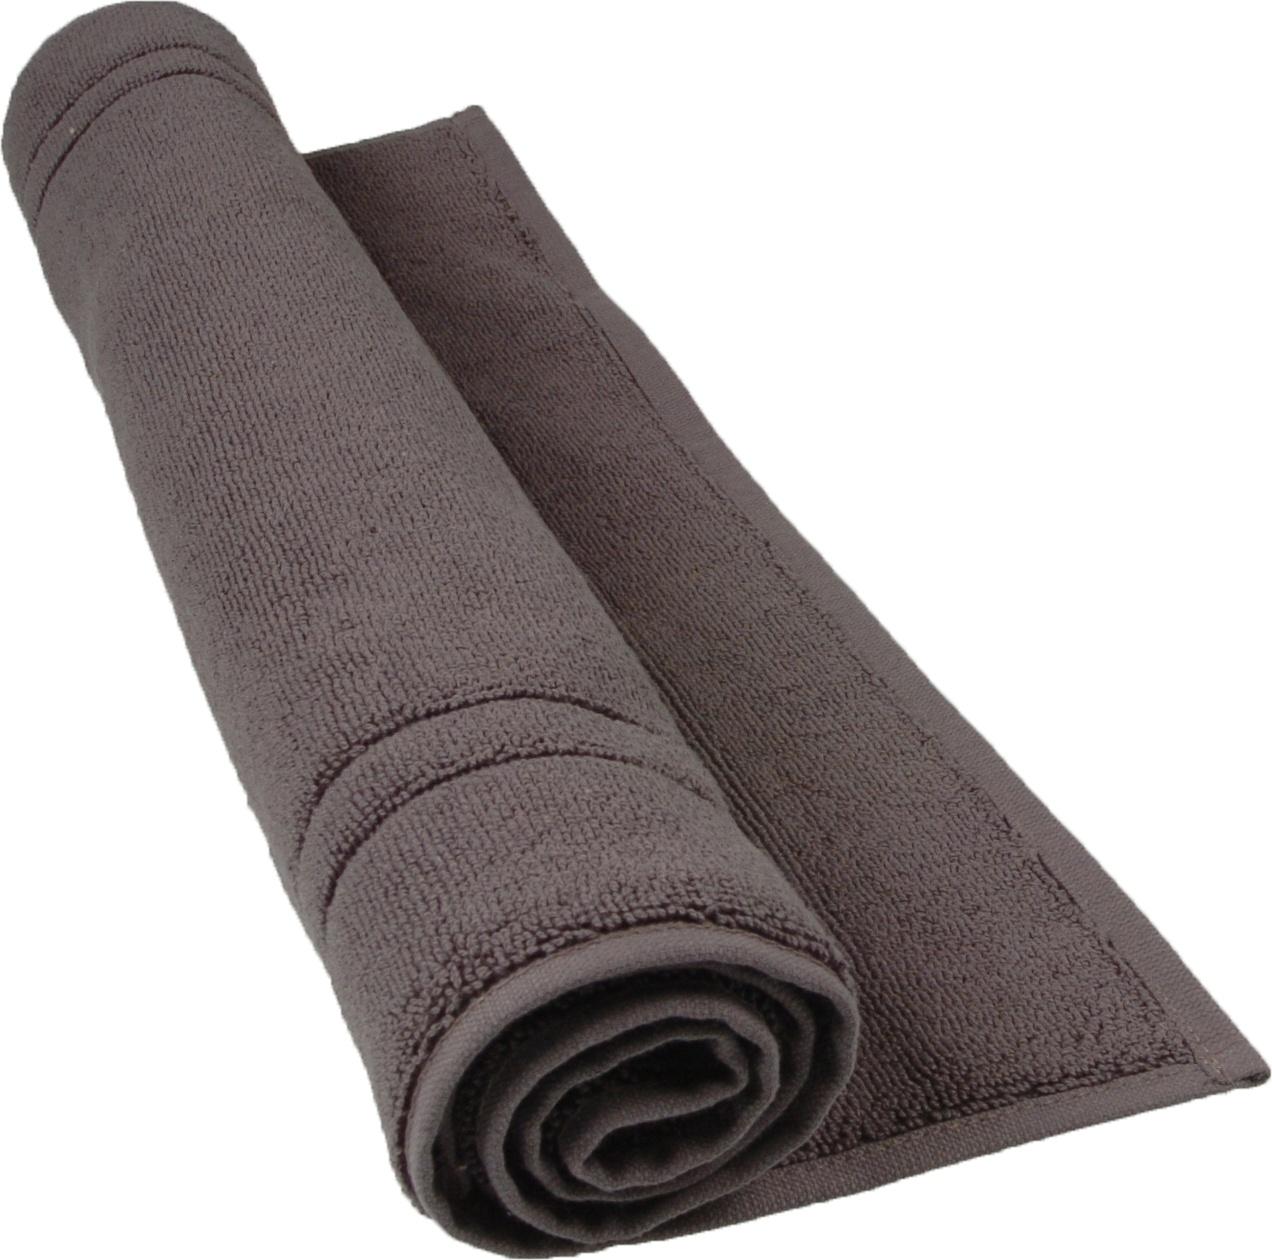 tapis de bain 50 x 80 cm en coton couleur anthracite anthracite homemaison vente en ligne. Black Bedroom Furniture Sets. Home Design Ideas